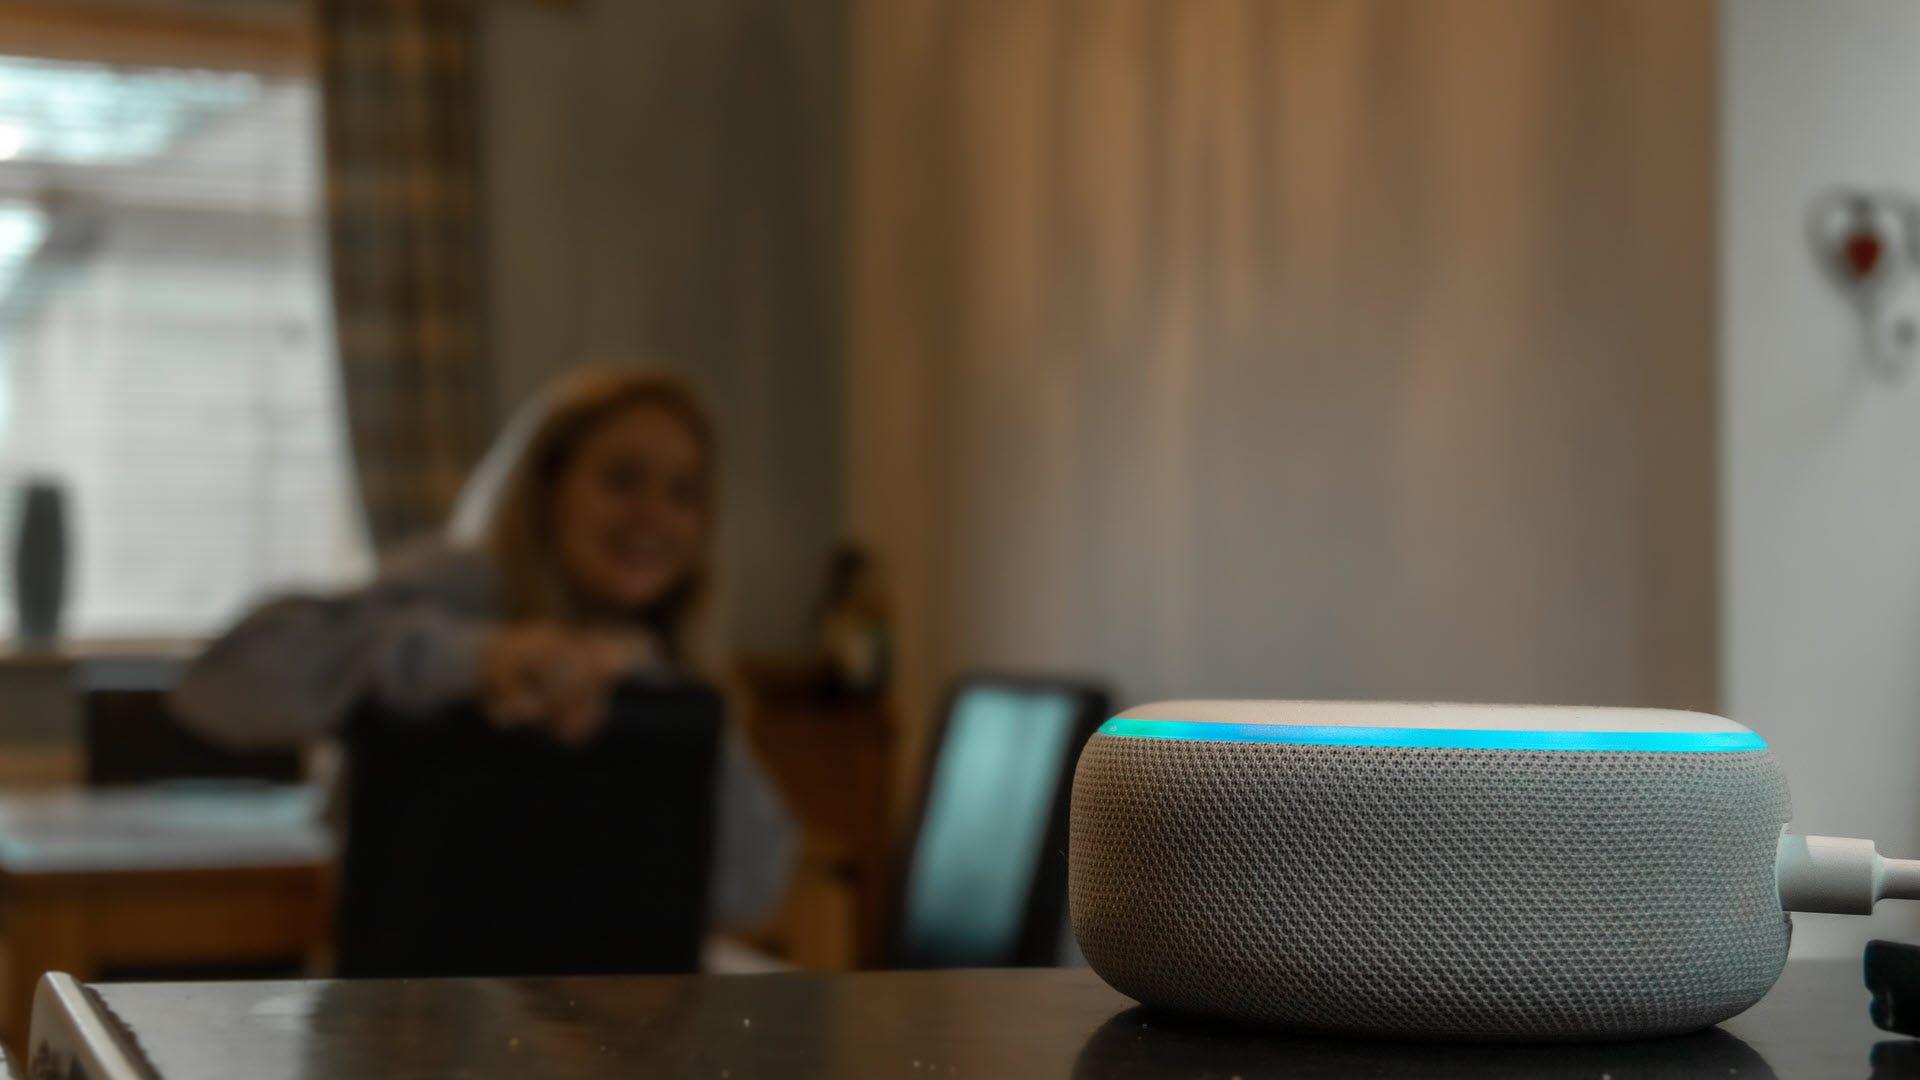 Kaşlarını çatarken bir Amazon Echo noktasıyla konuşan bir kadın.